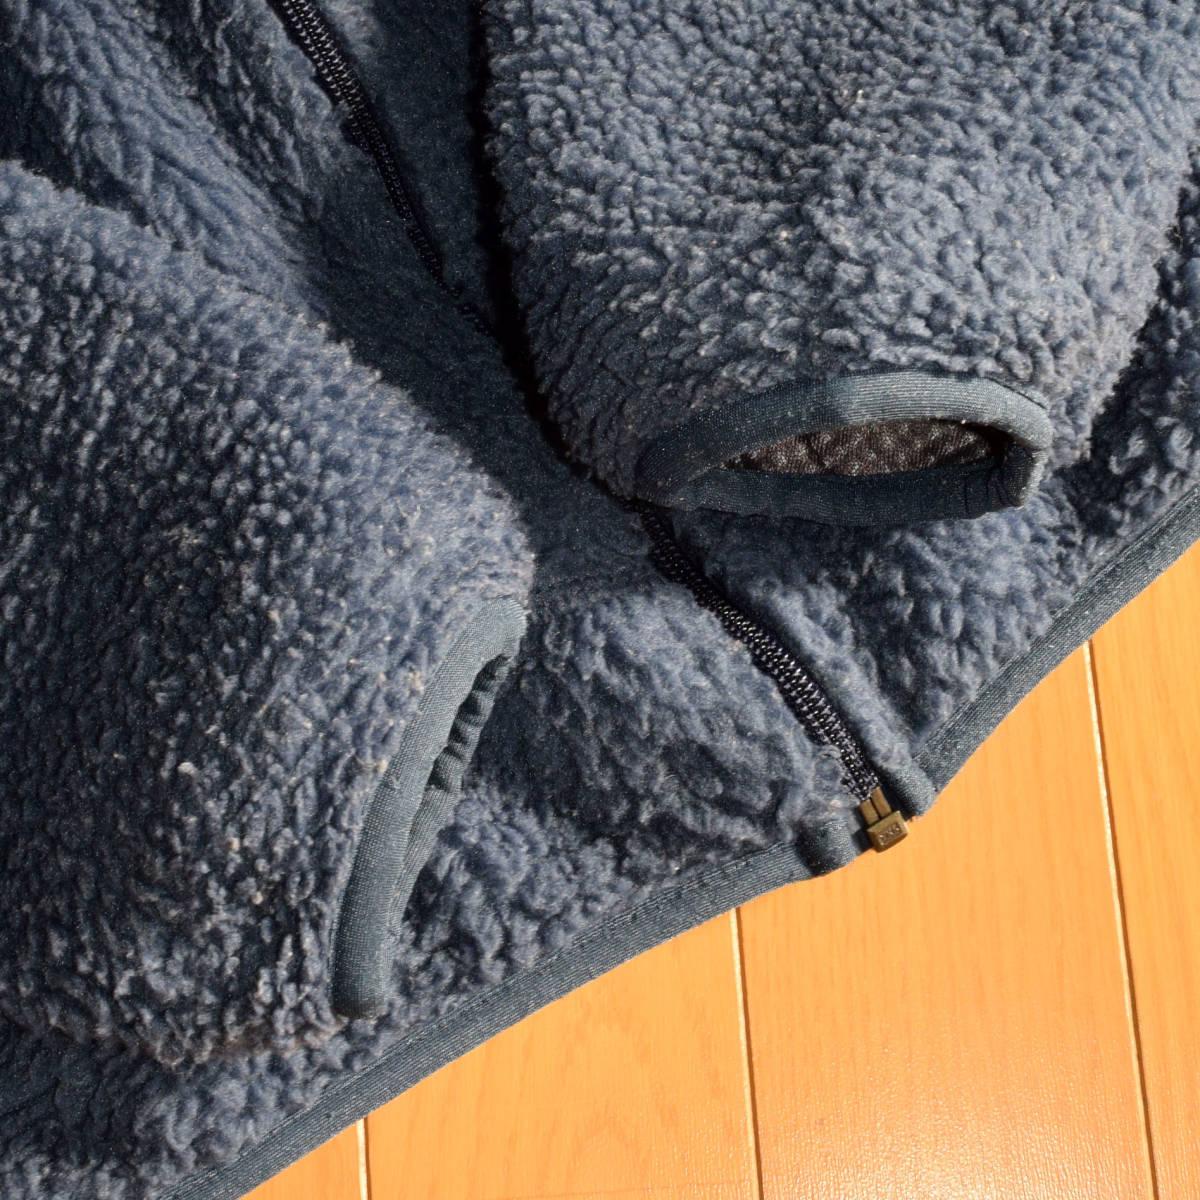 レア!送料無料!99年 USA製 パタゴニア メンズS 日本M フリース ボアパイル レトロX ジャケット レトロカーディガン 古着 ビンテージ_画像4